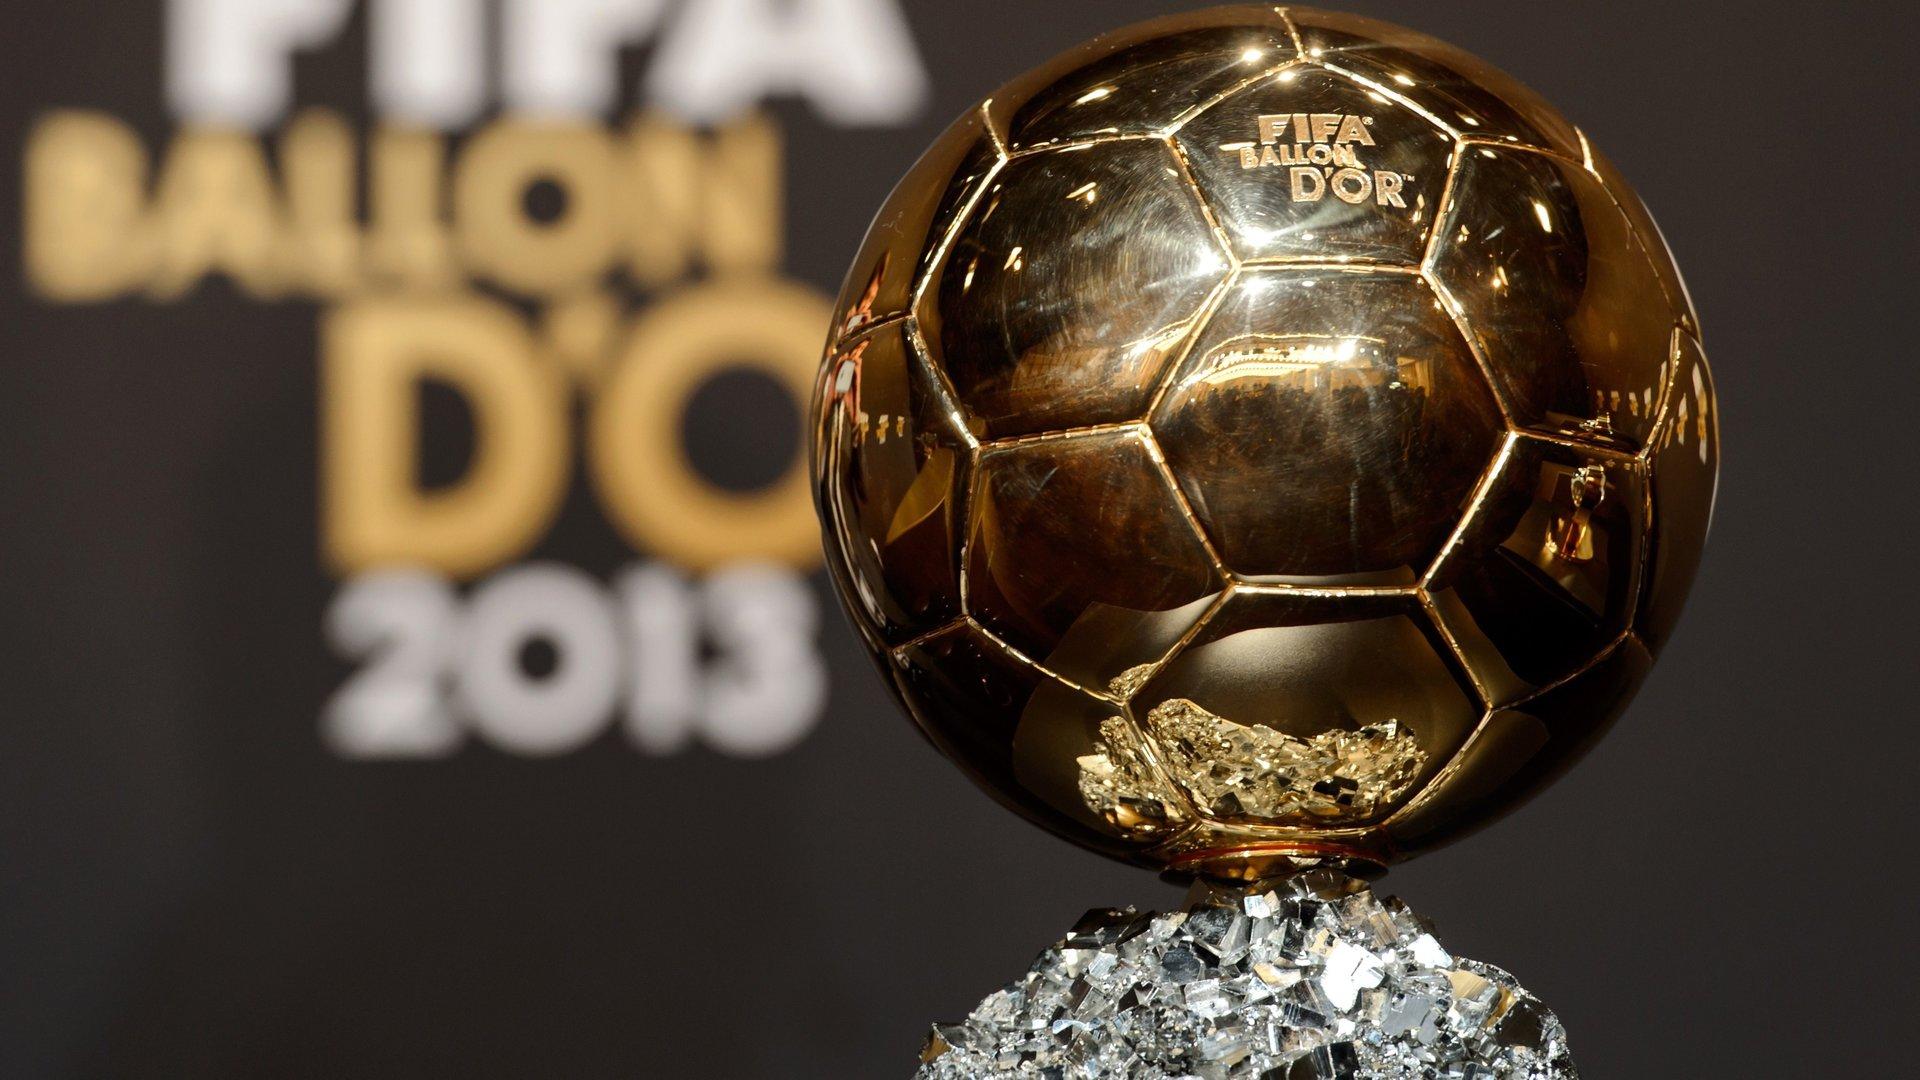 FIFA Ballon d\u0027Or trophy & FIFA Ballon d\u0027Or trophy - Goal.com